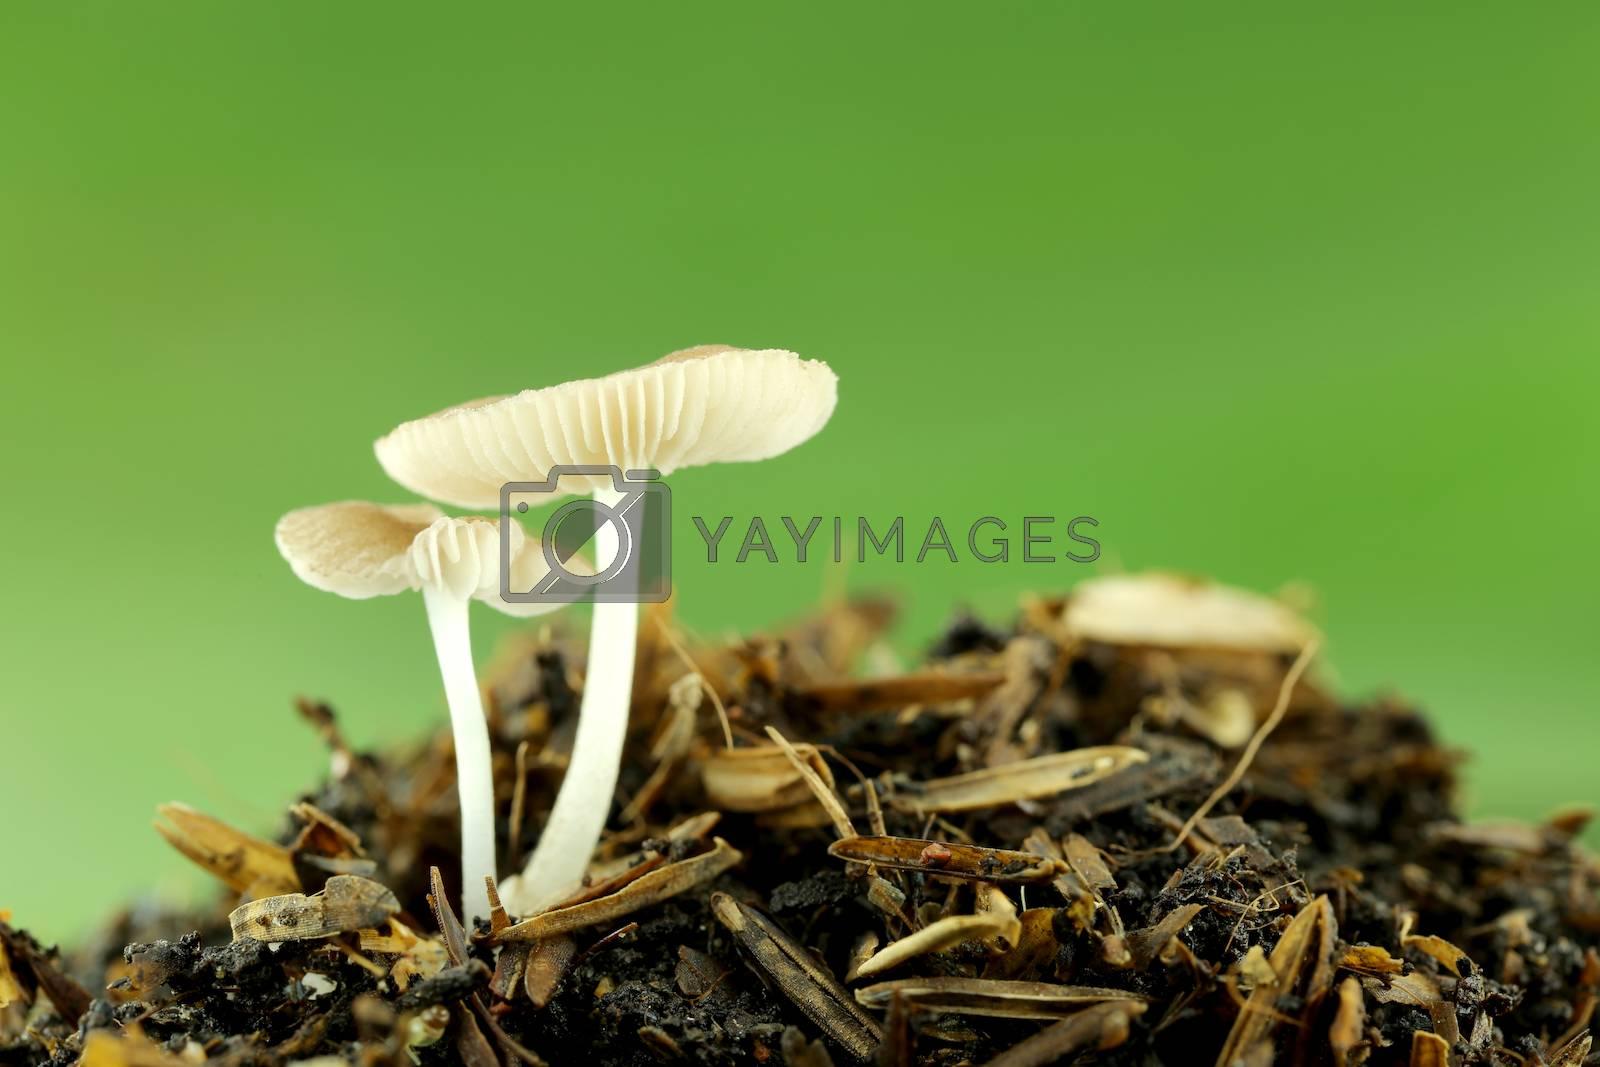 wild mushrooms on ground in macro style.